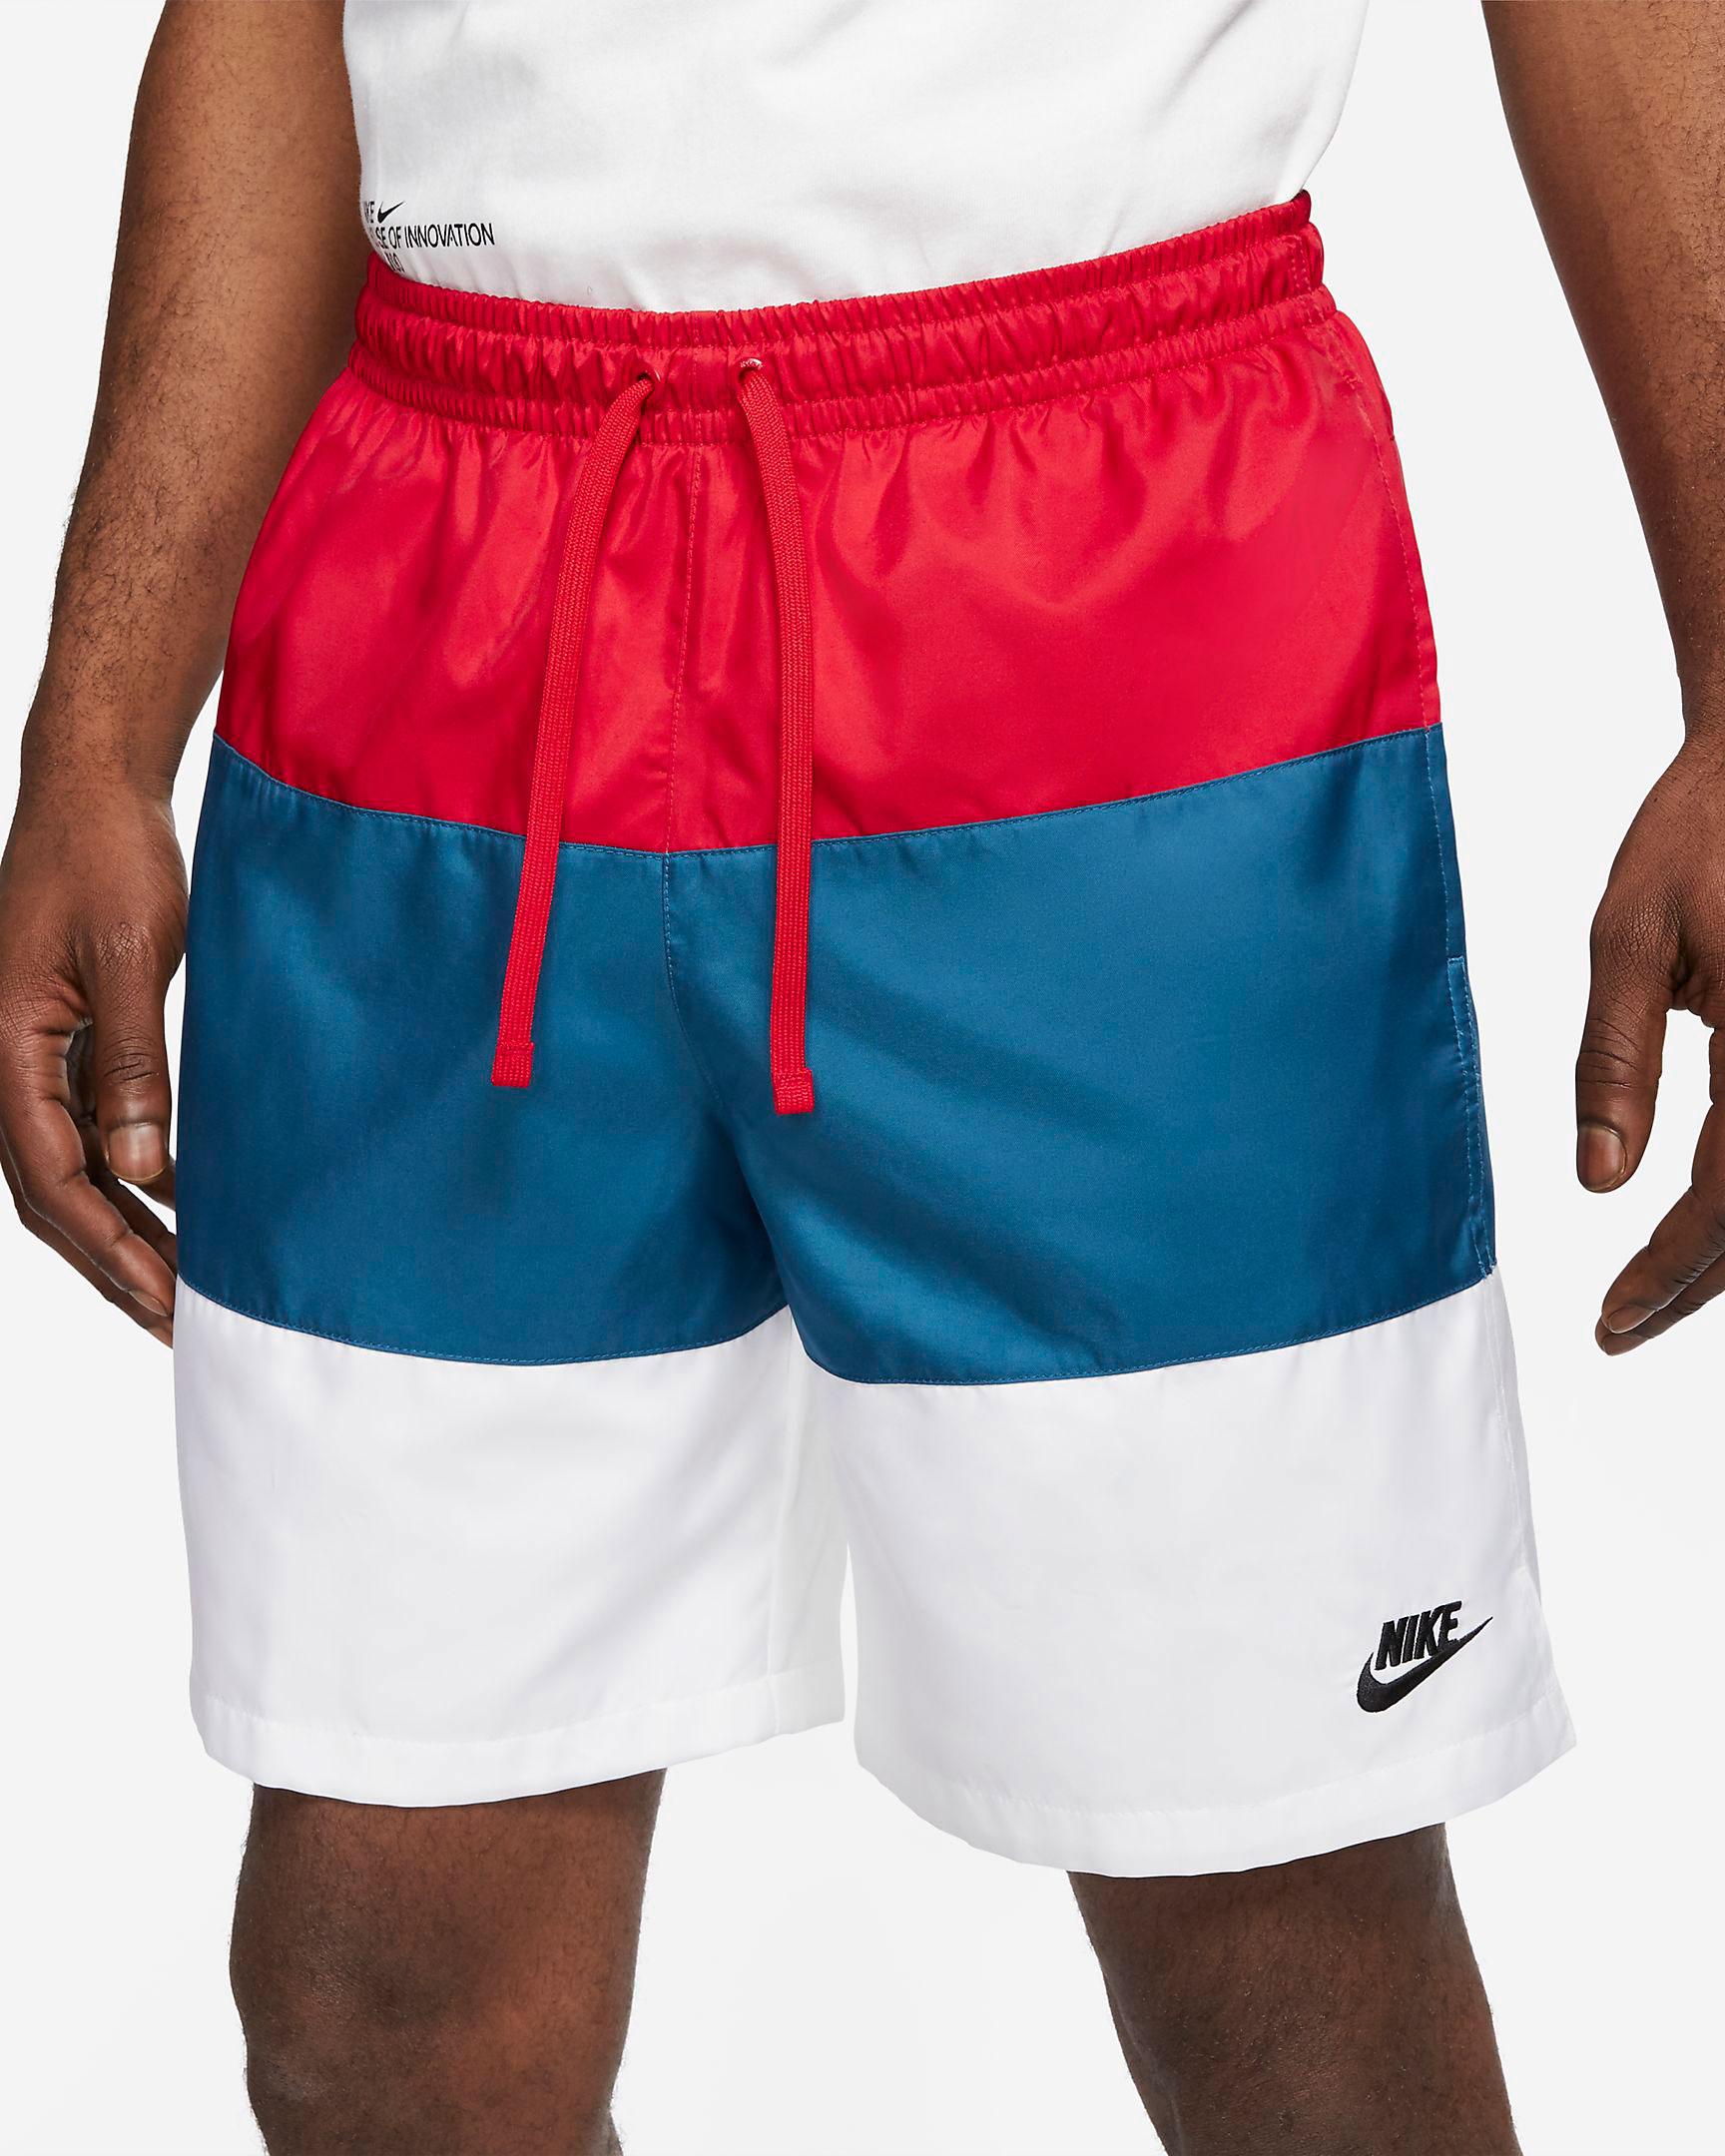 nike-sportswear-usa-americana-shorts